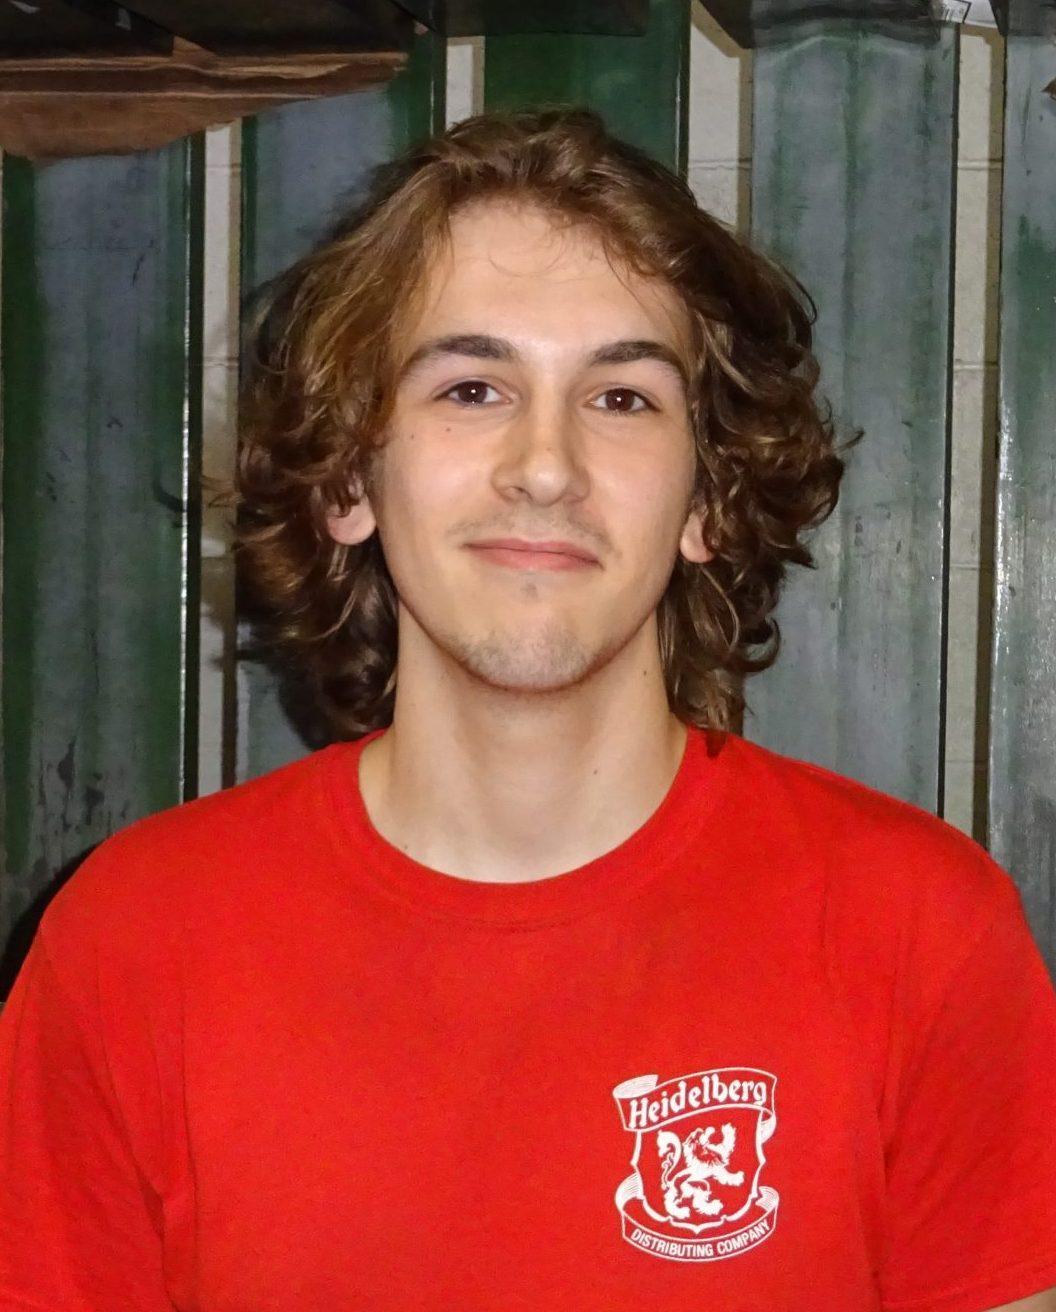 Ben Colby